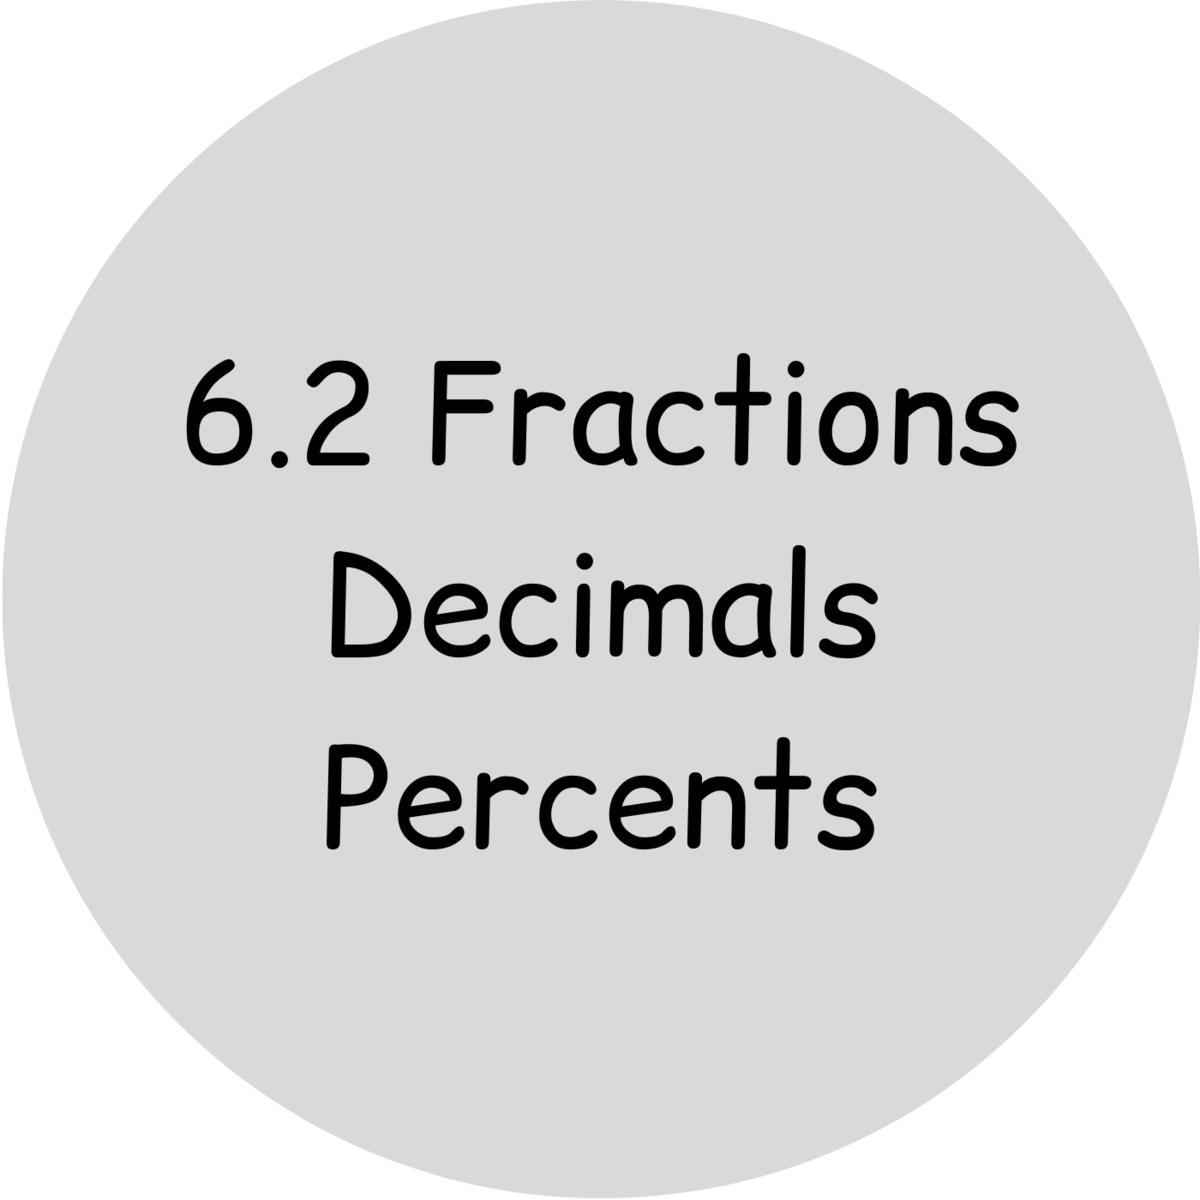 6.2 Fractions, Decimals, Percents